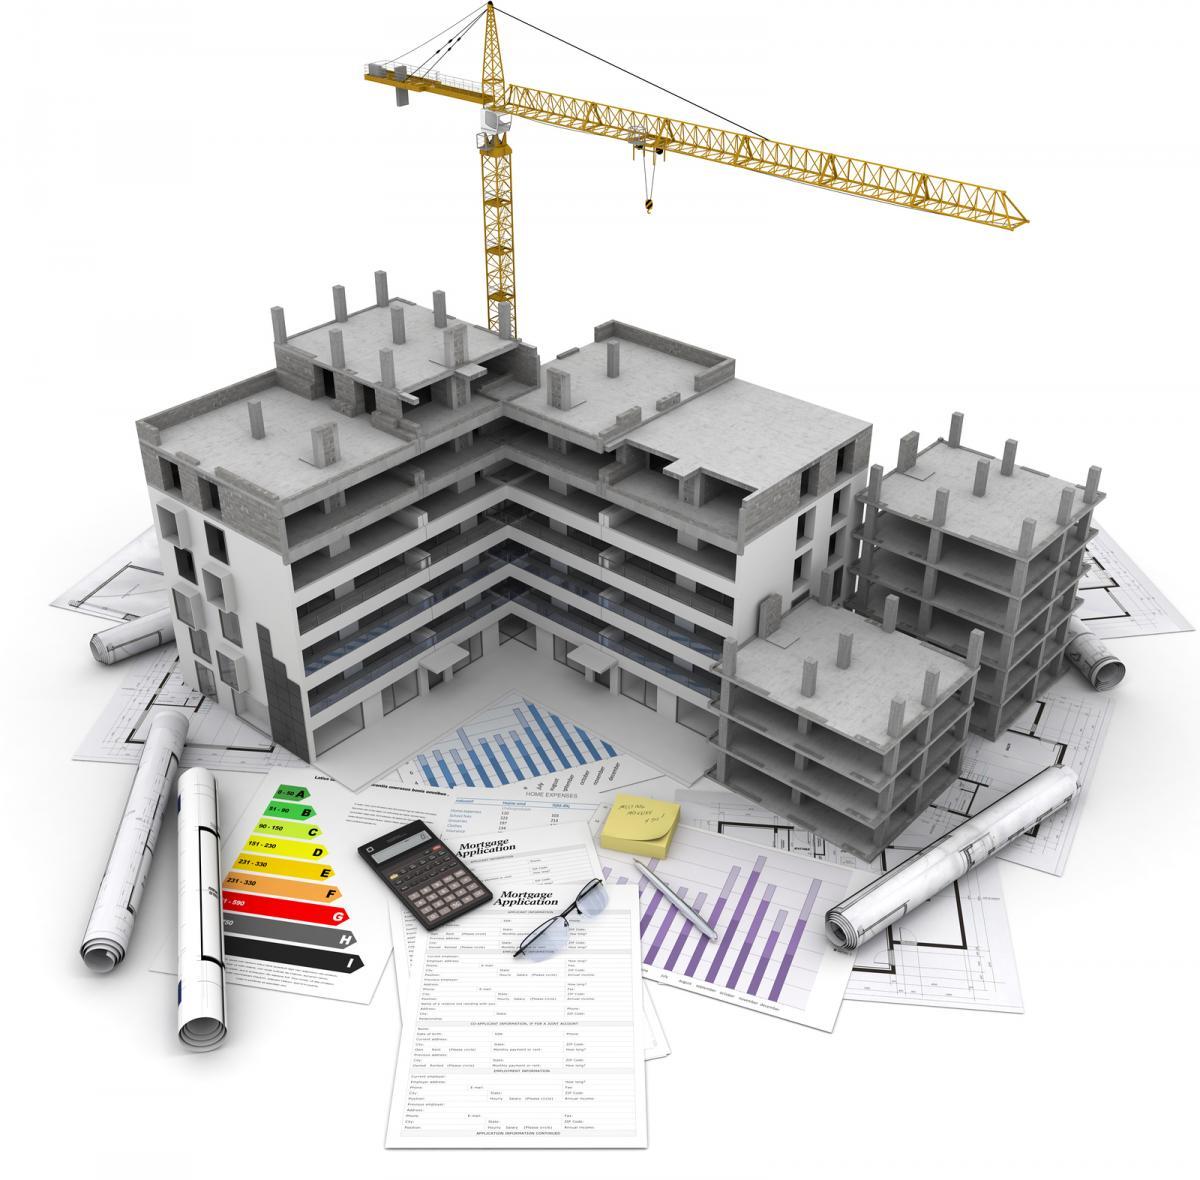 Đơn vị tư vấn thiết kế thi công xây dựng